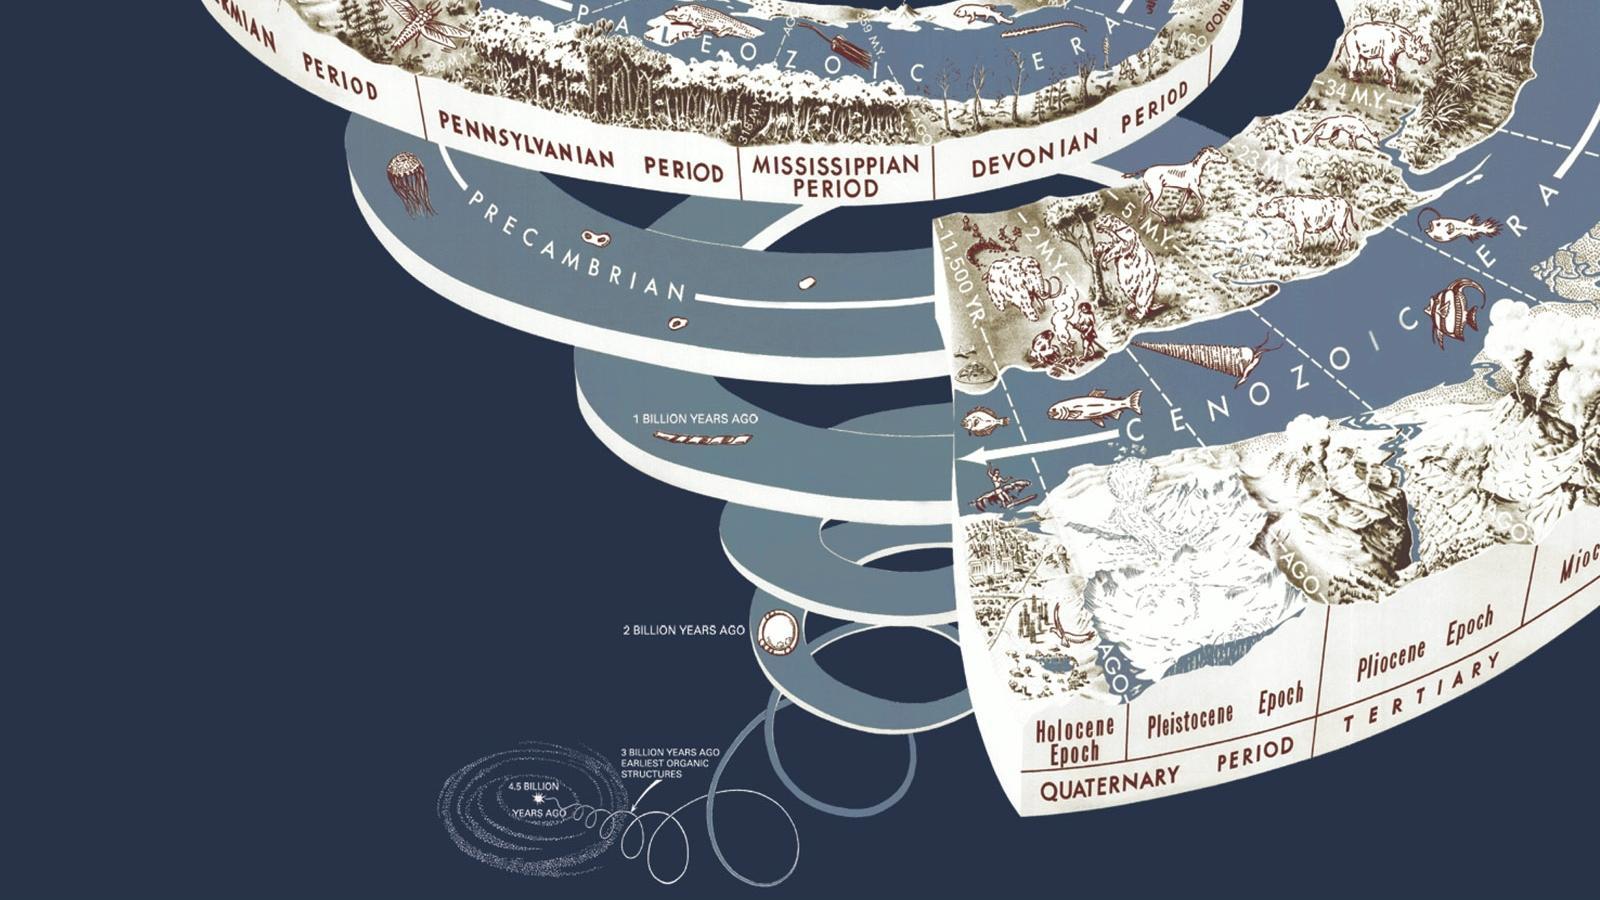 Закипели благородные умы и поделили эпоху голоцена на три части